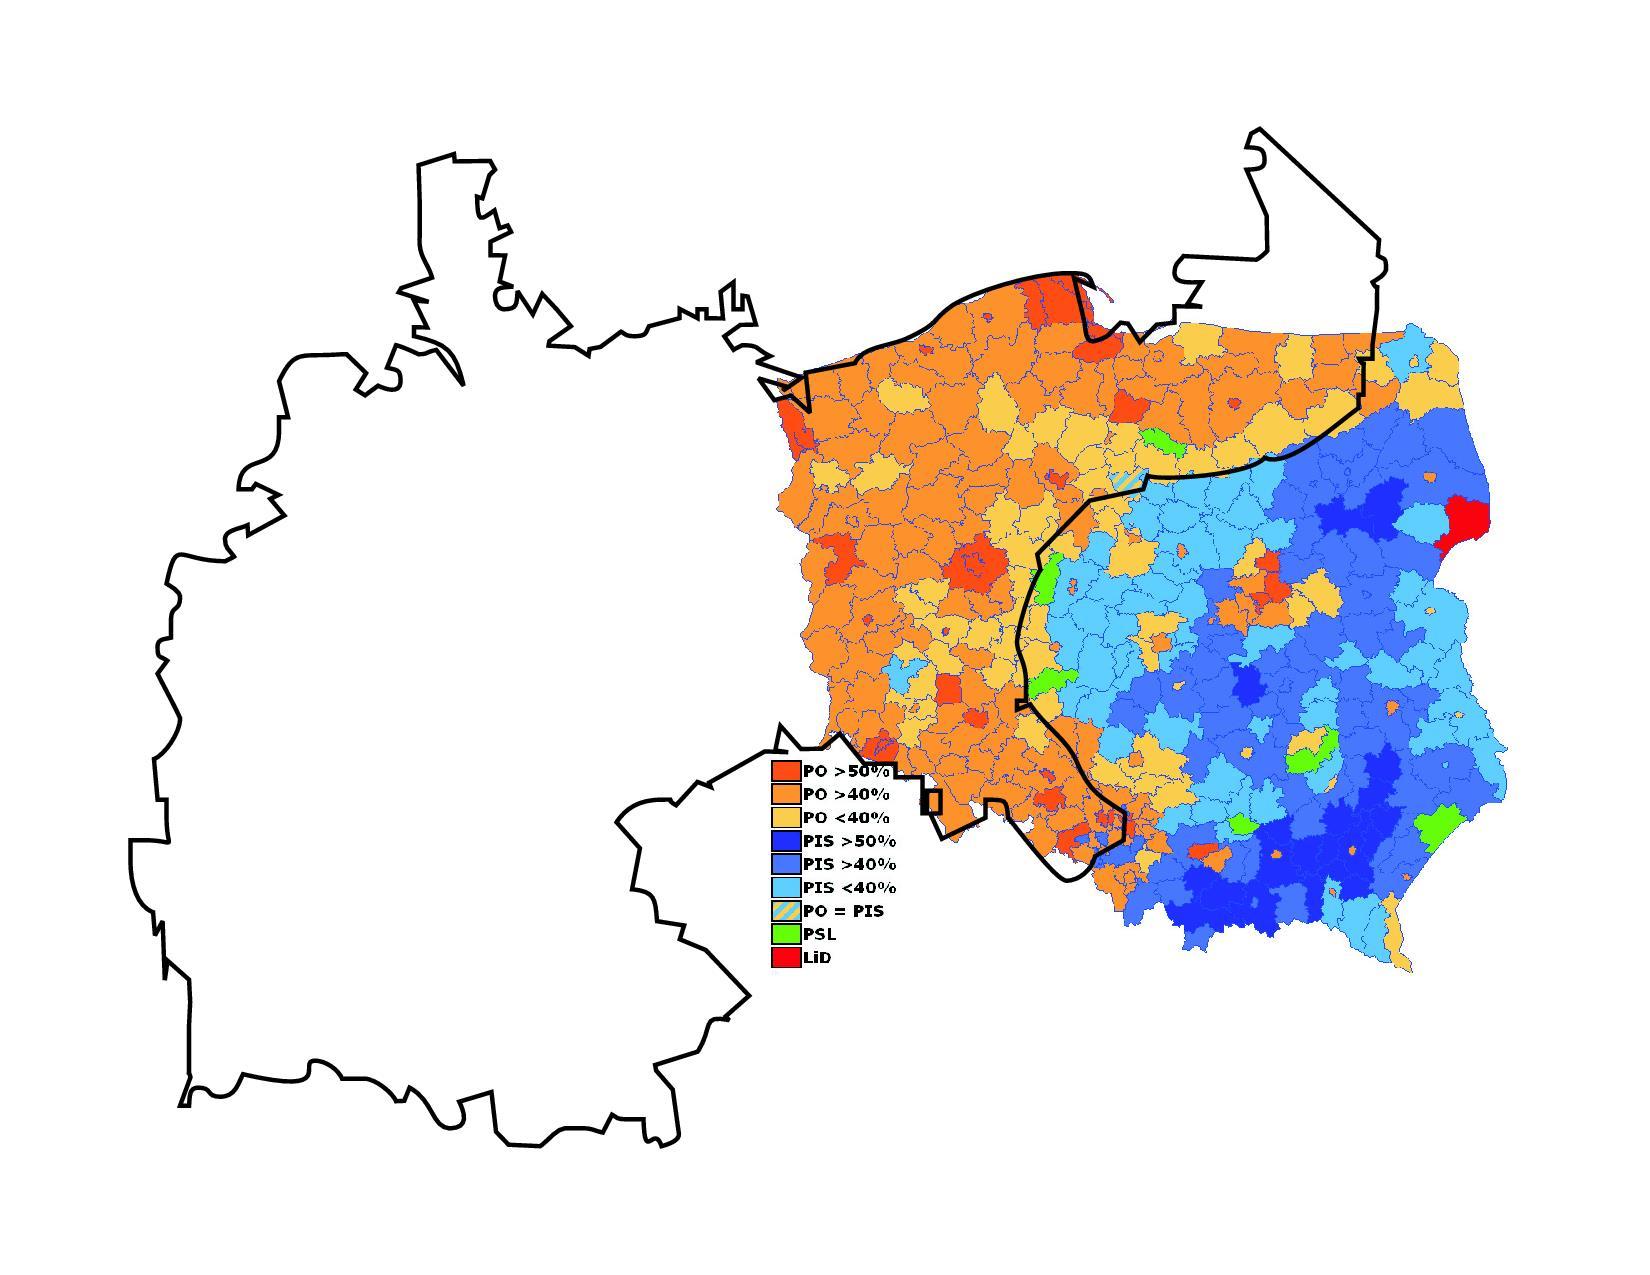 Polands Stark Electoral Divide  GeoCurrents